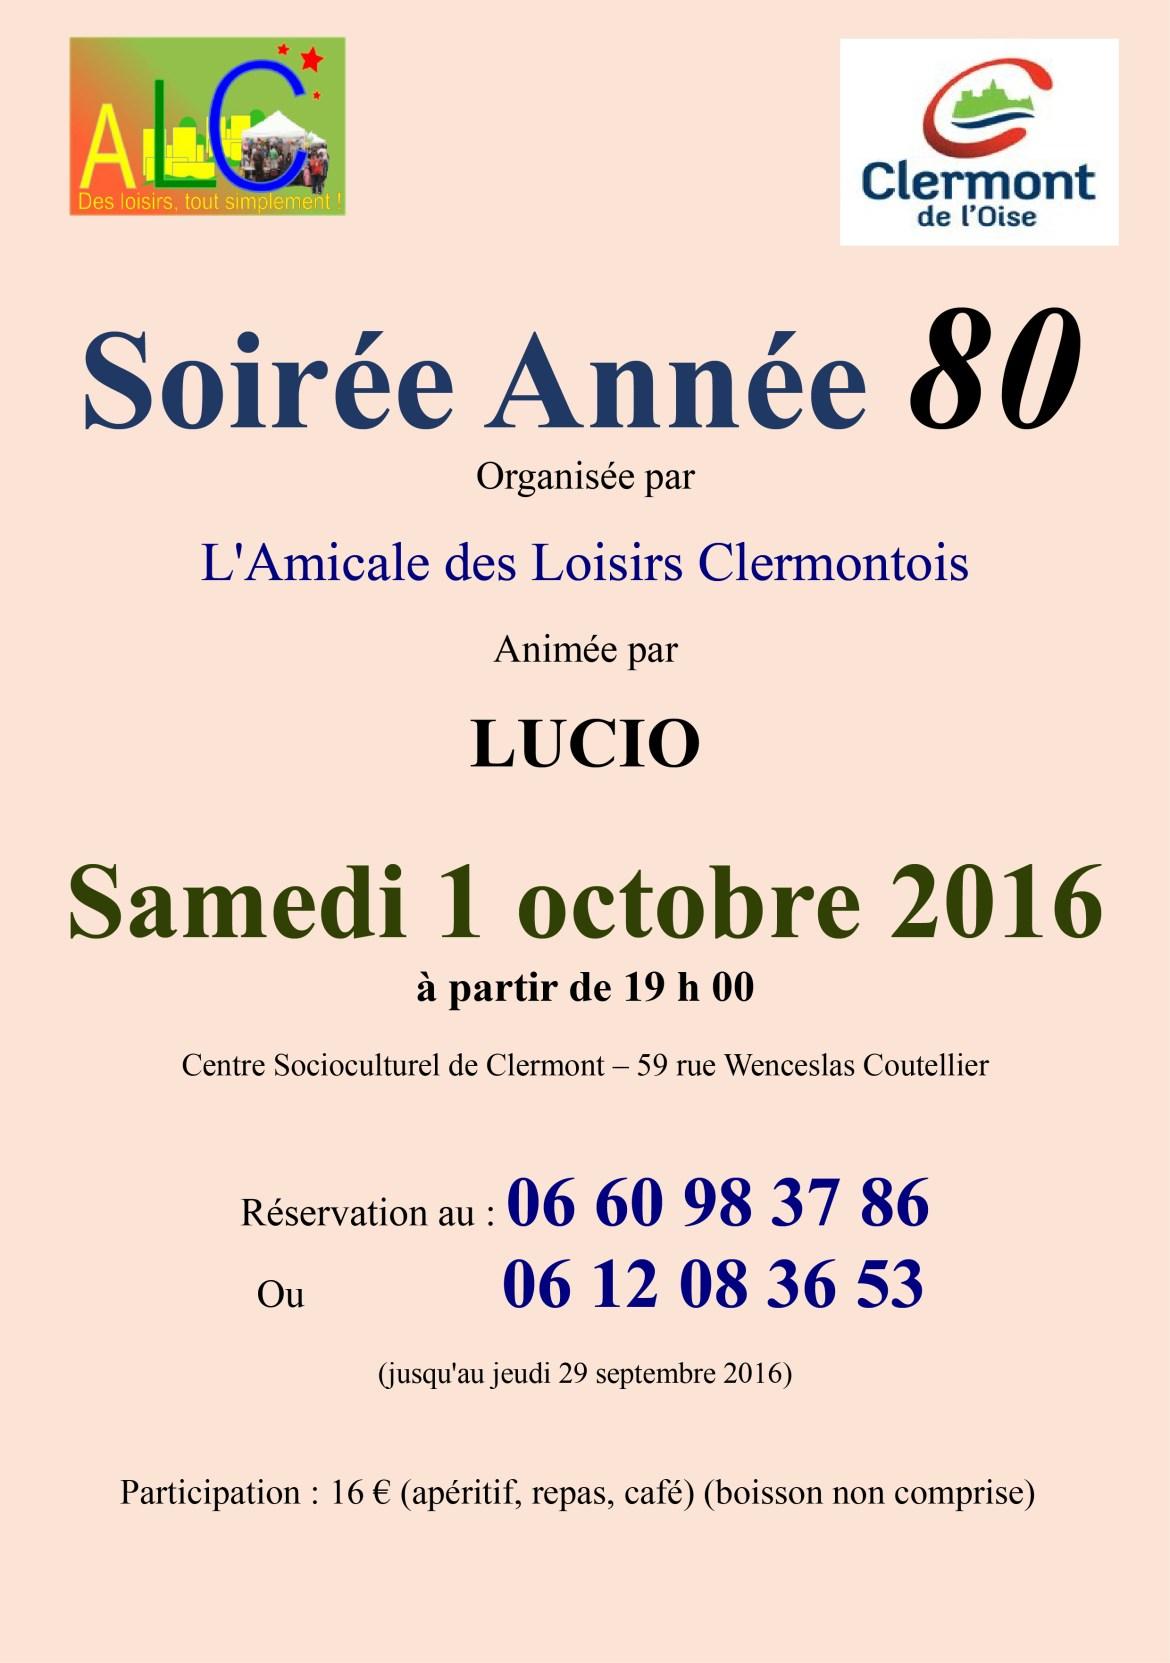 L'Amicale des Loisirs Clermontois : Soirée Année 80